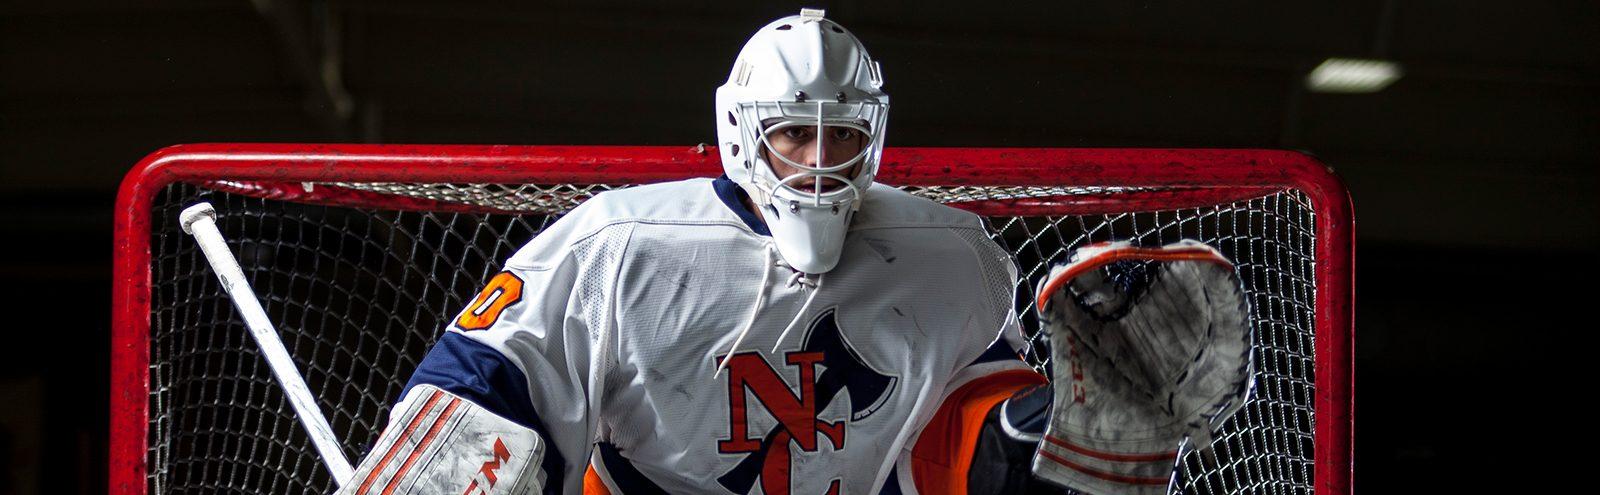 Northland College goalie blocks puck